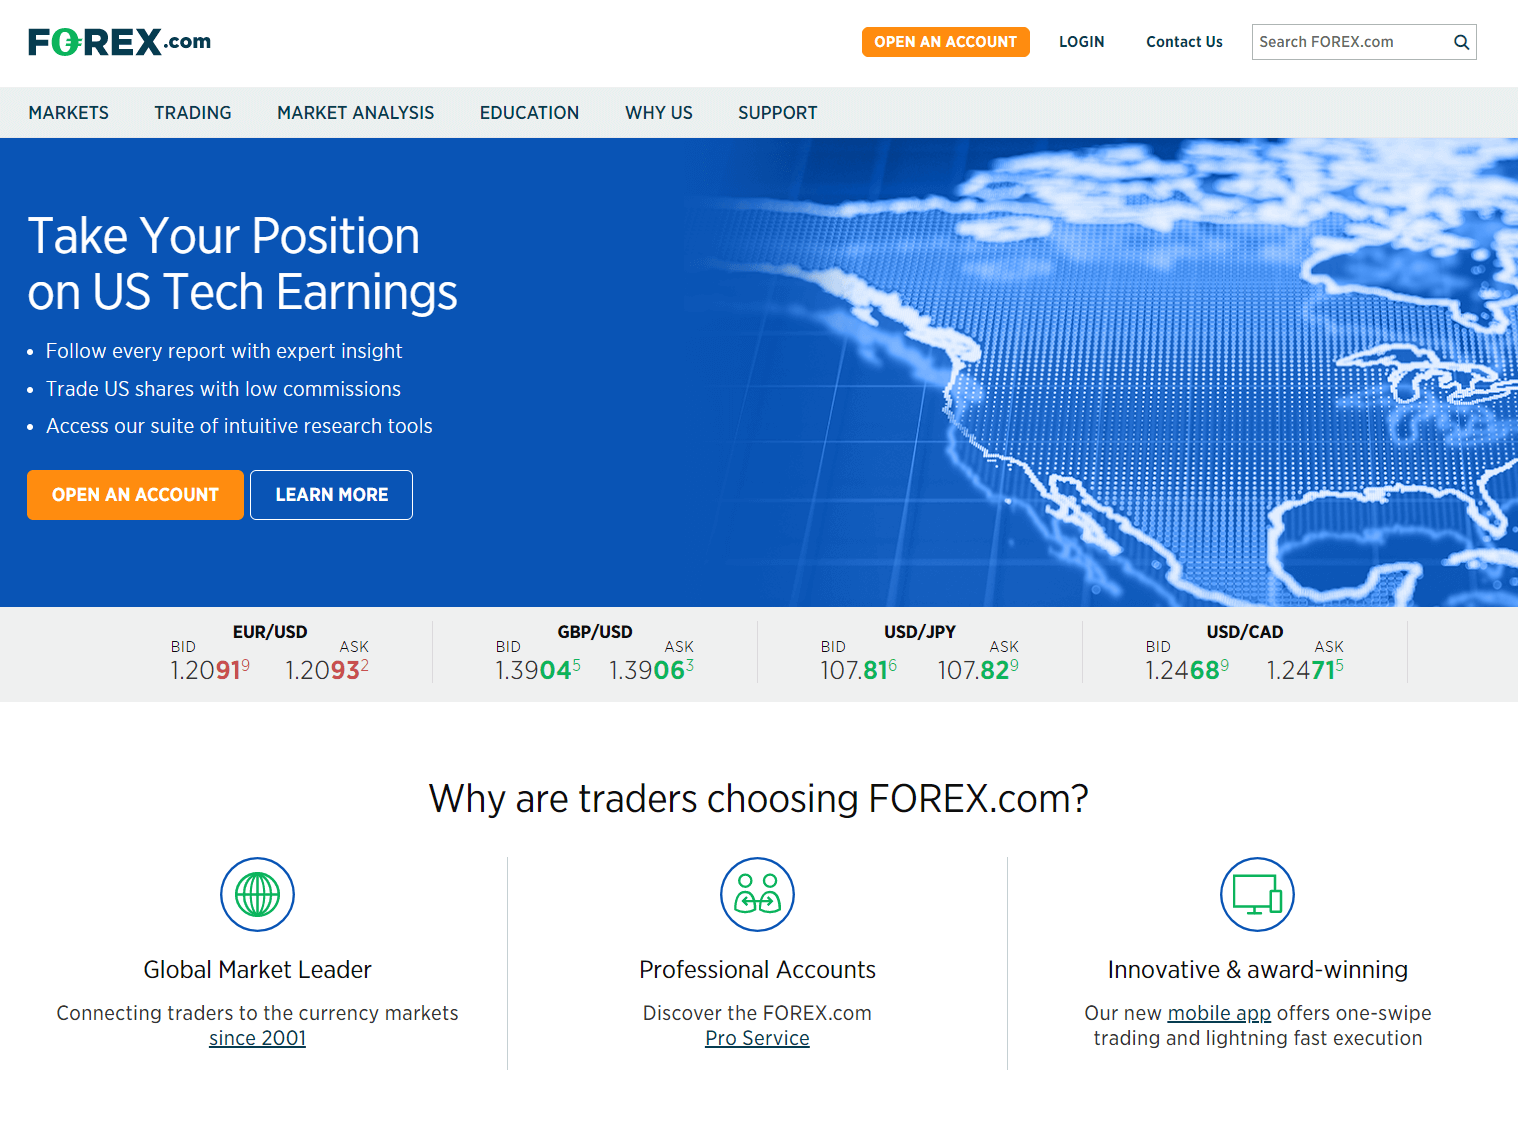 Forex.com Webseite